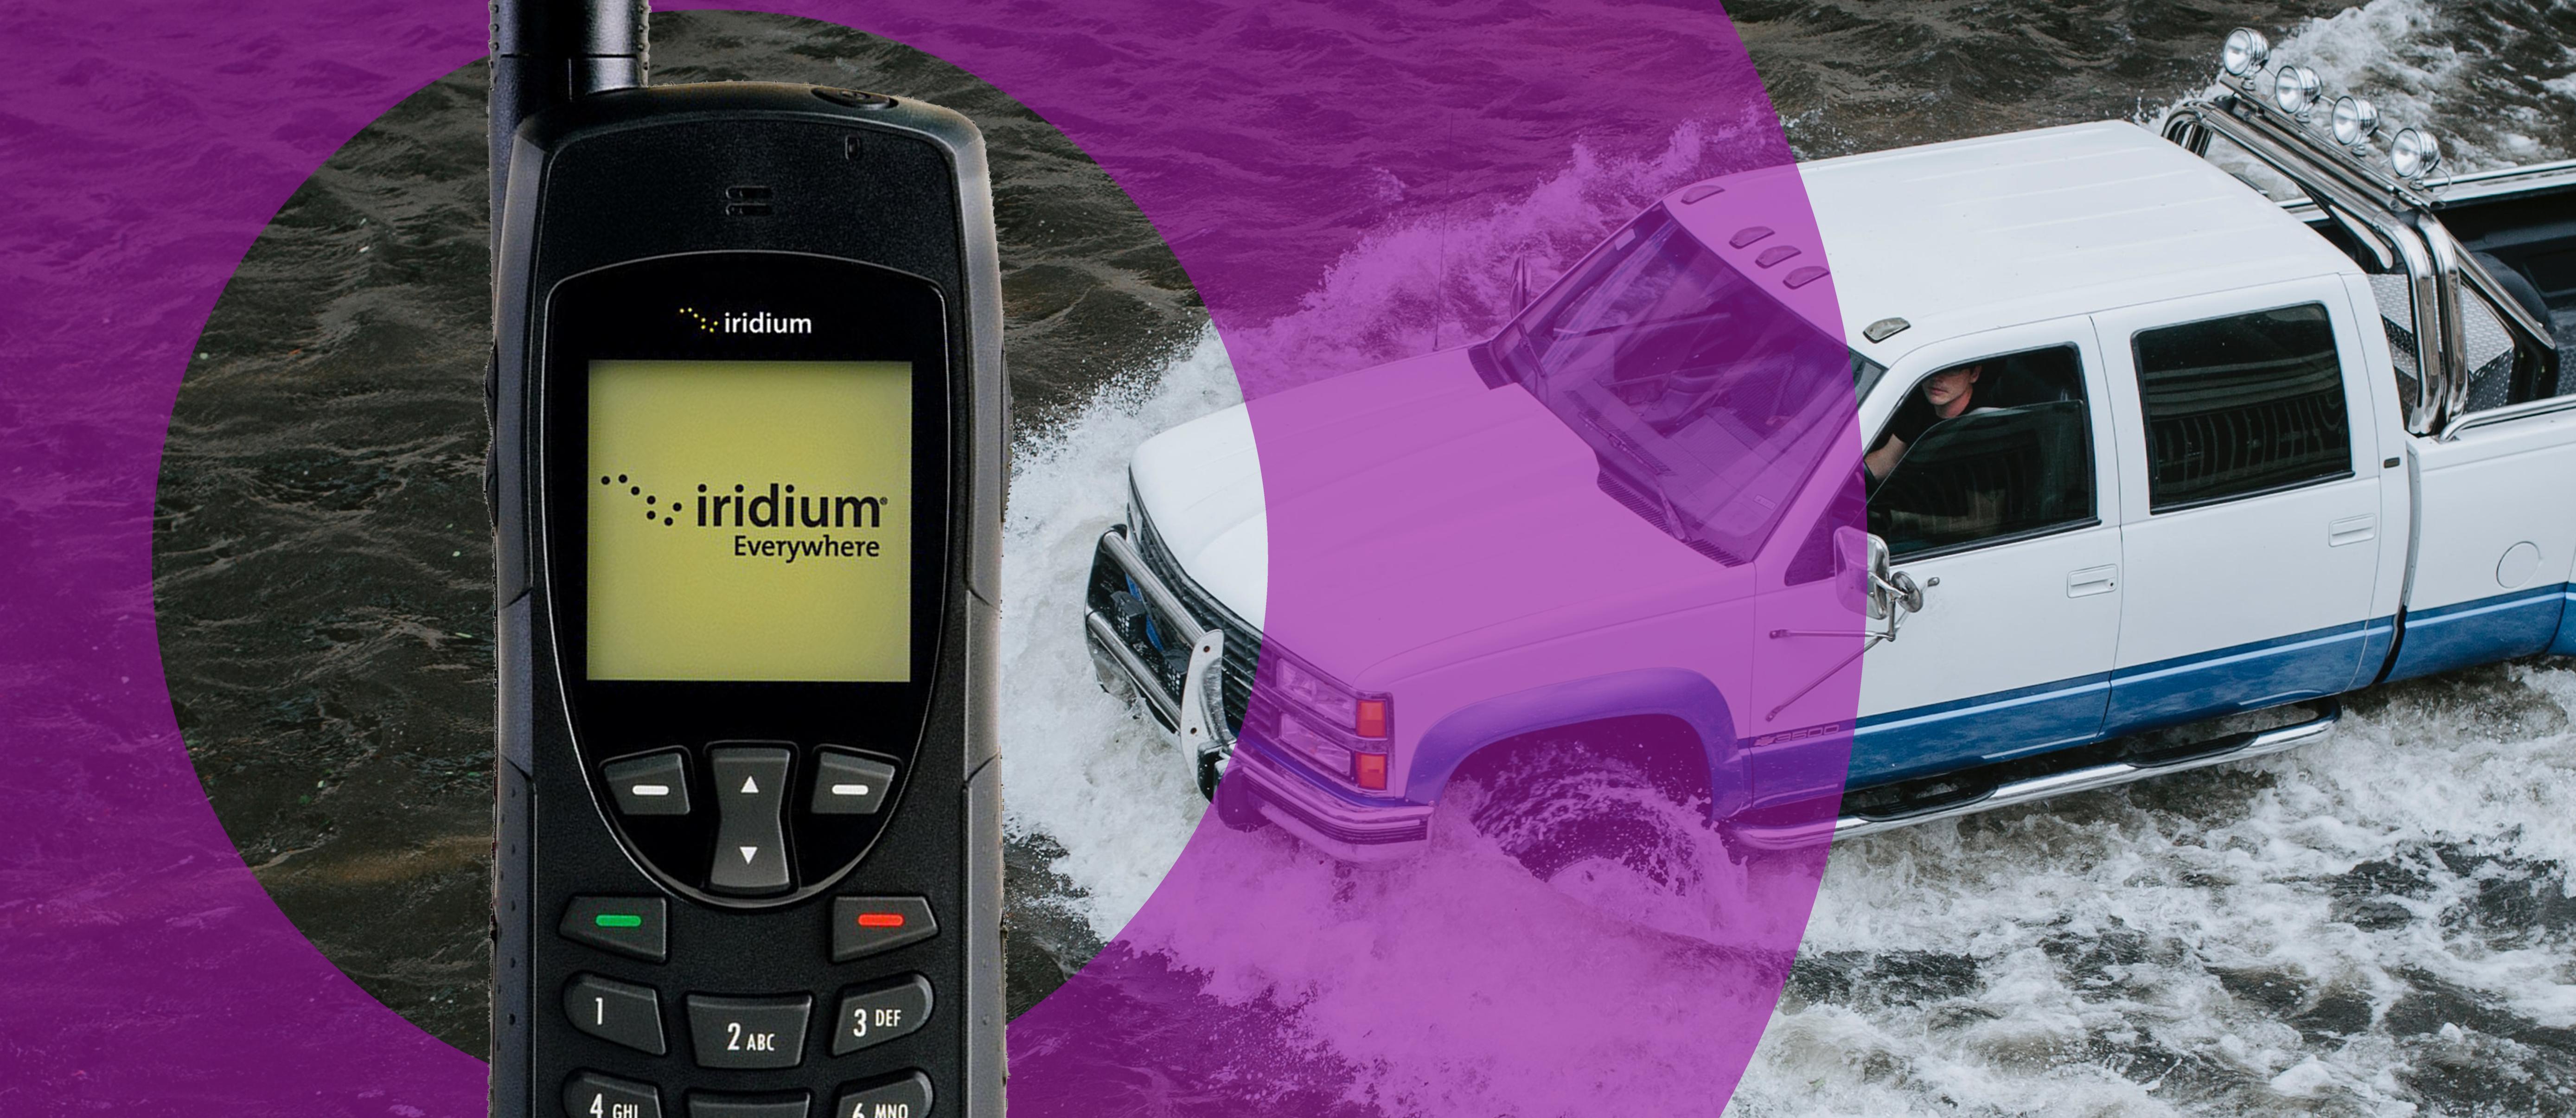 iridium9555 hurricane satellite phone